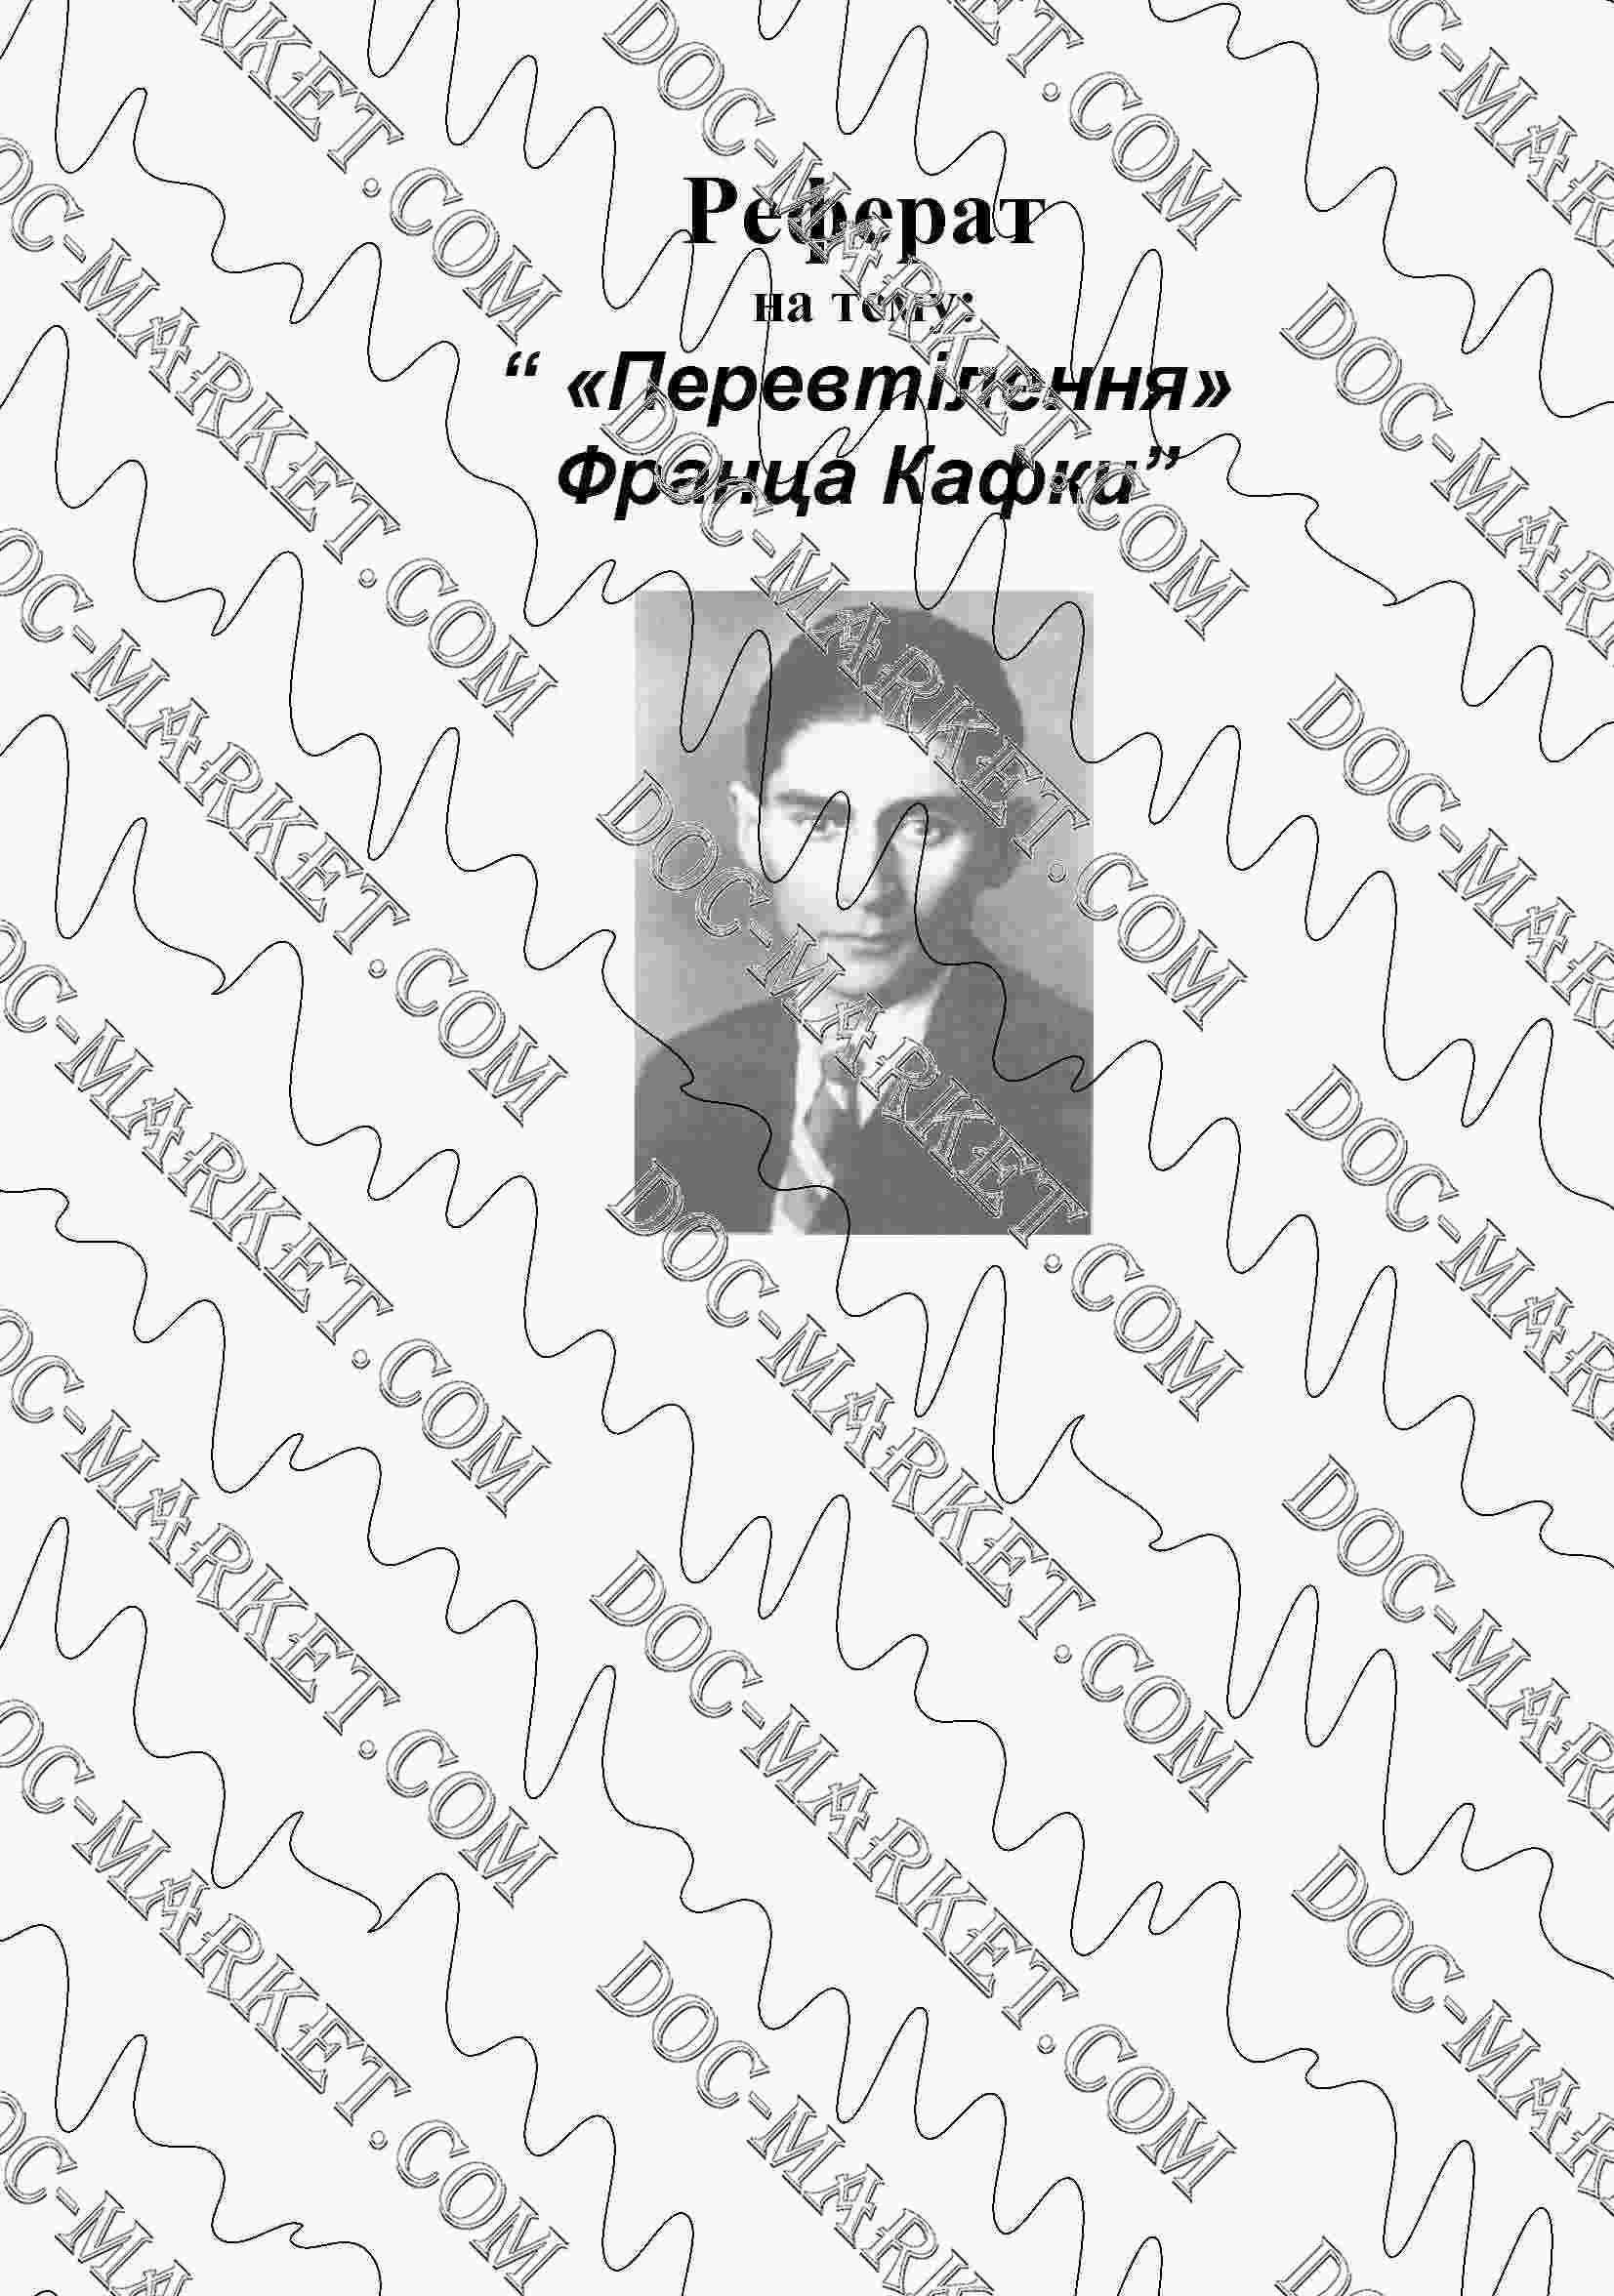 Перевтiлення Франц Кафка Фильм